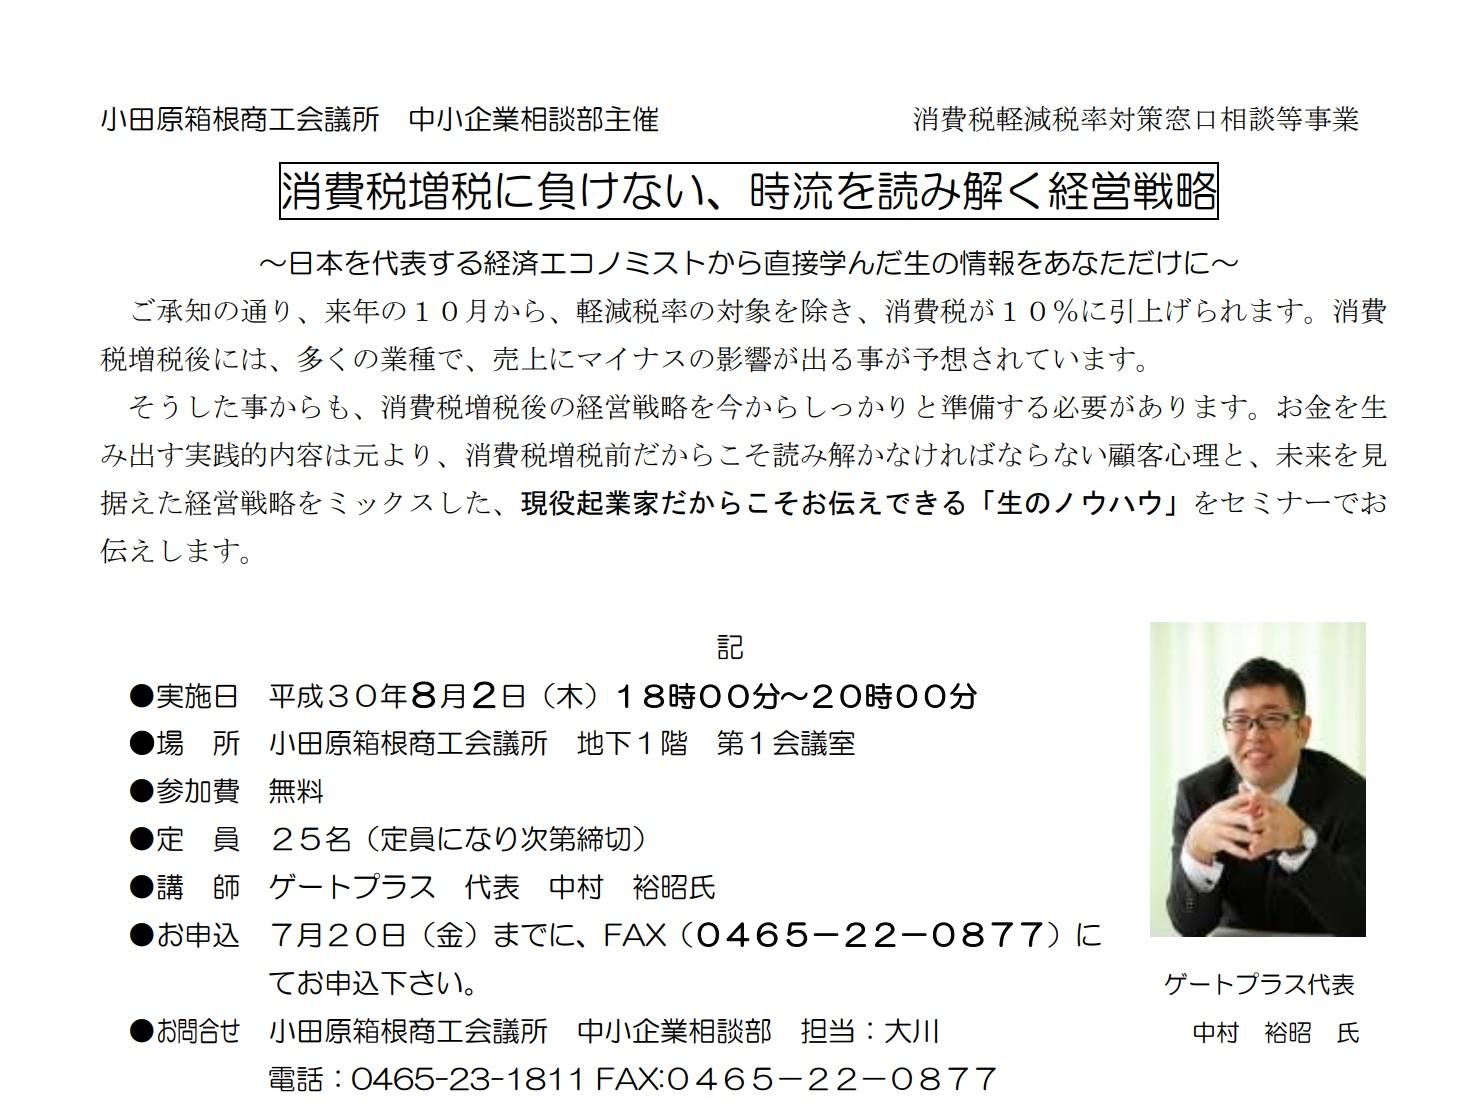 8月2日小田原箱根商工会議所にて講演会を行います(無料)